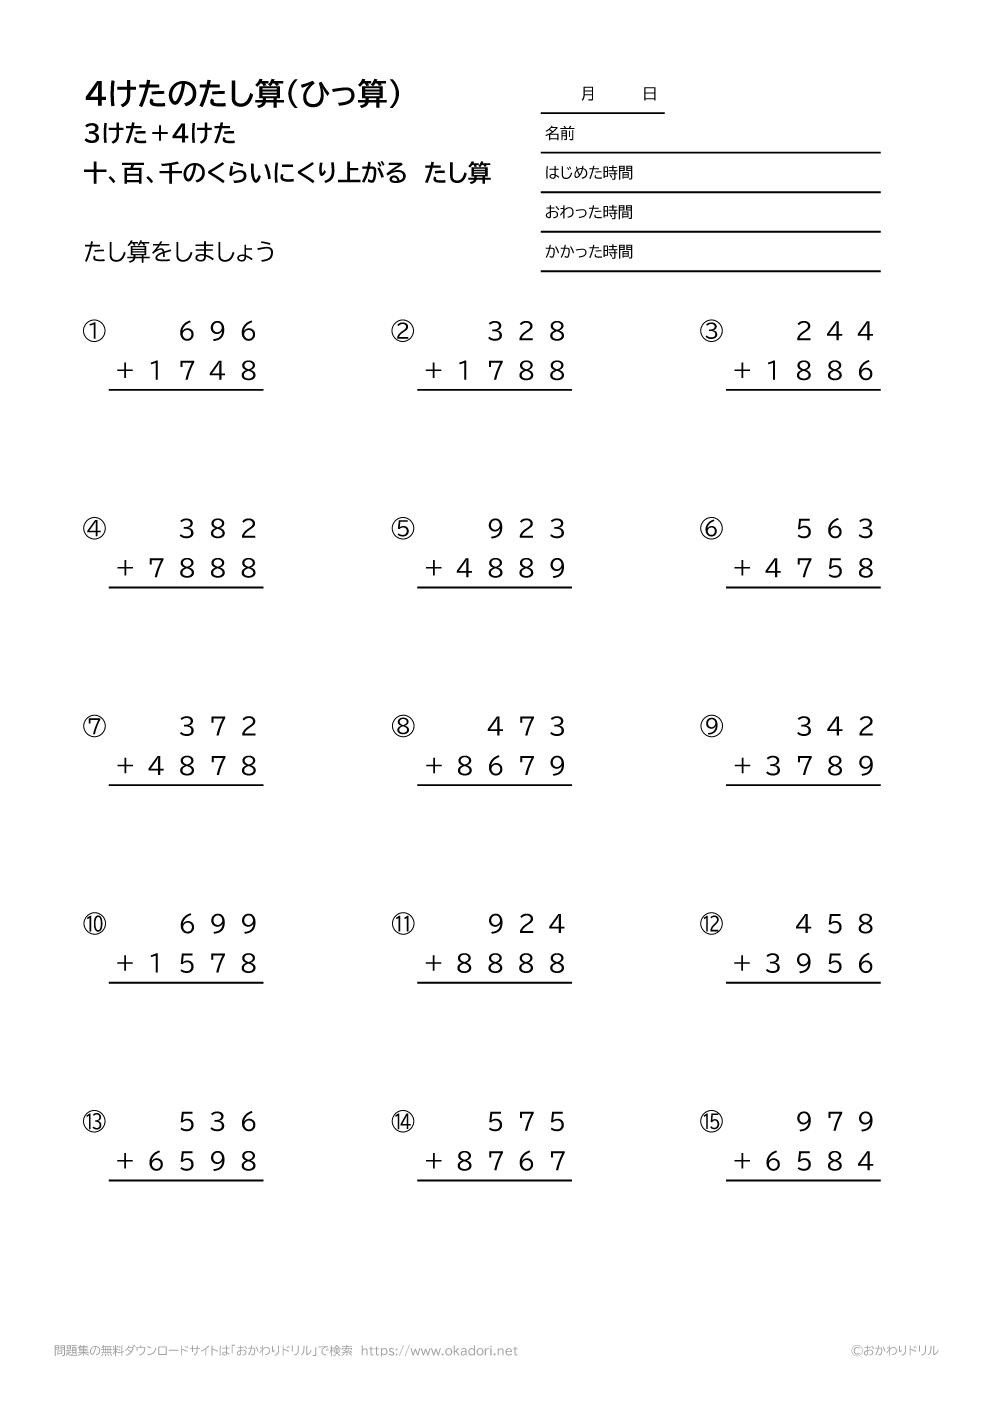 3桁+4桁の十、百、千の位に繰り上がる足し算の筆算5